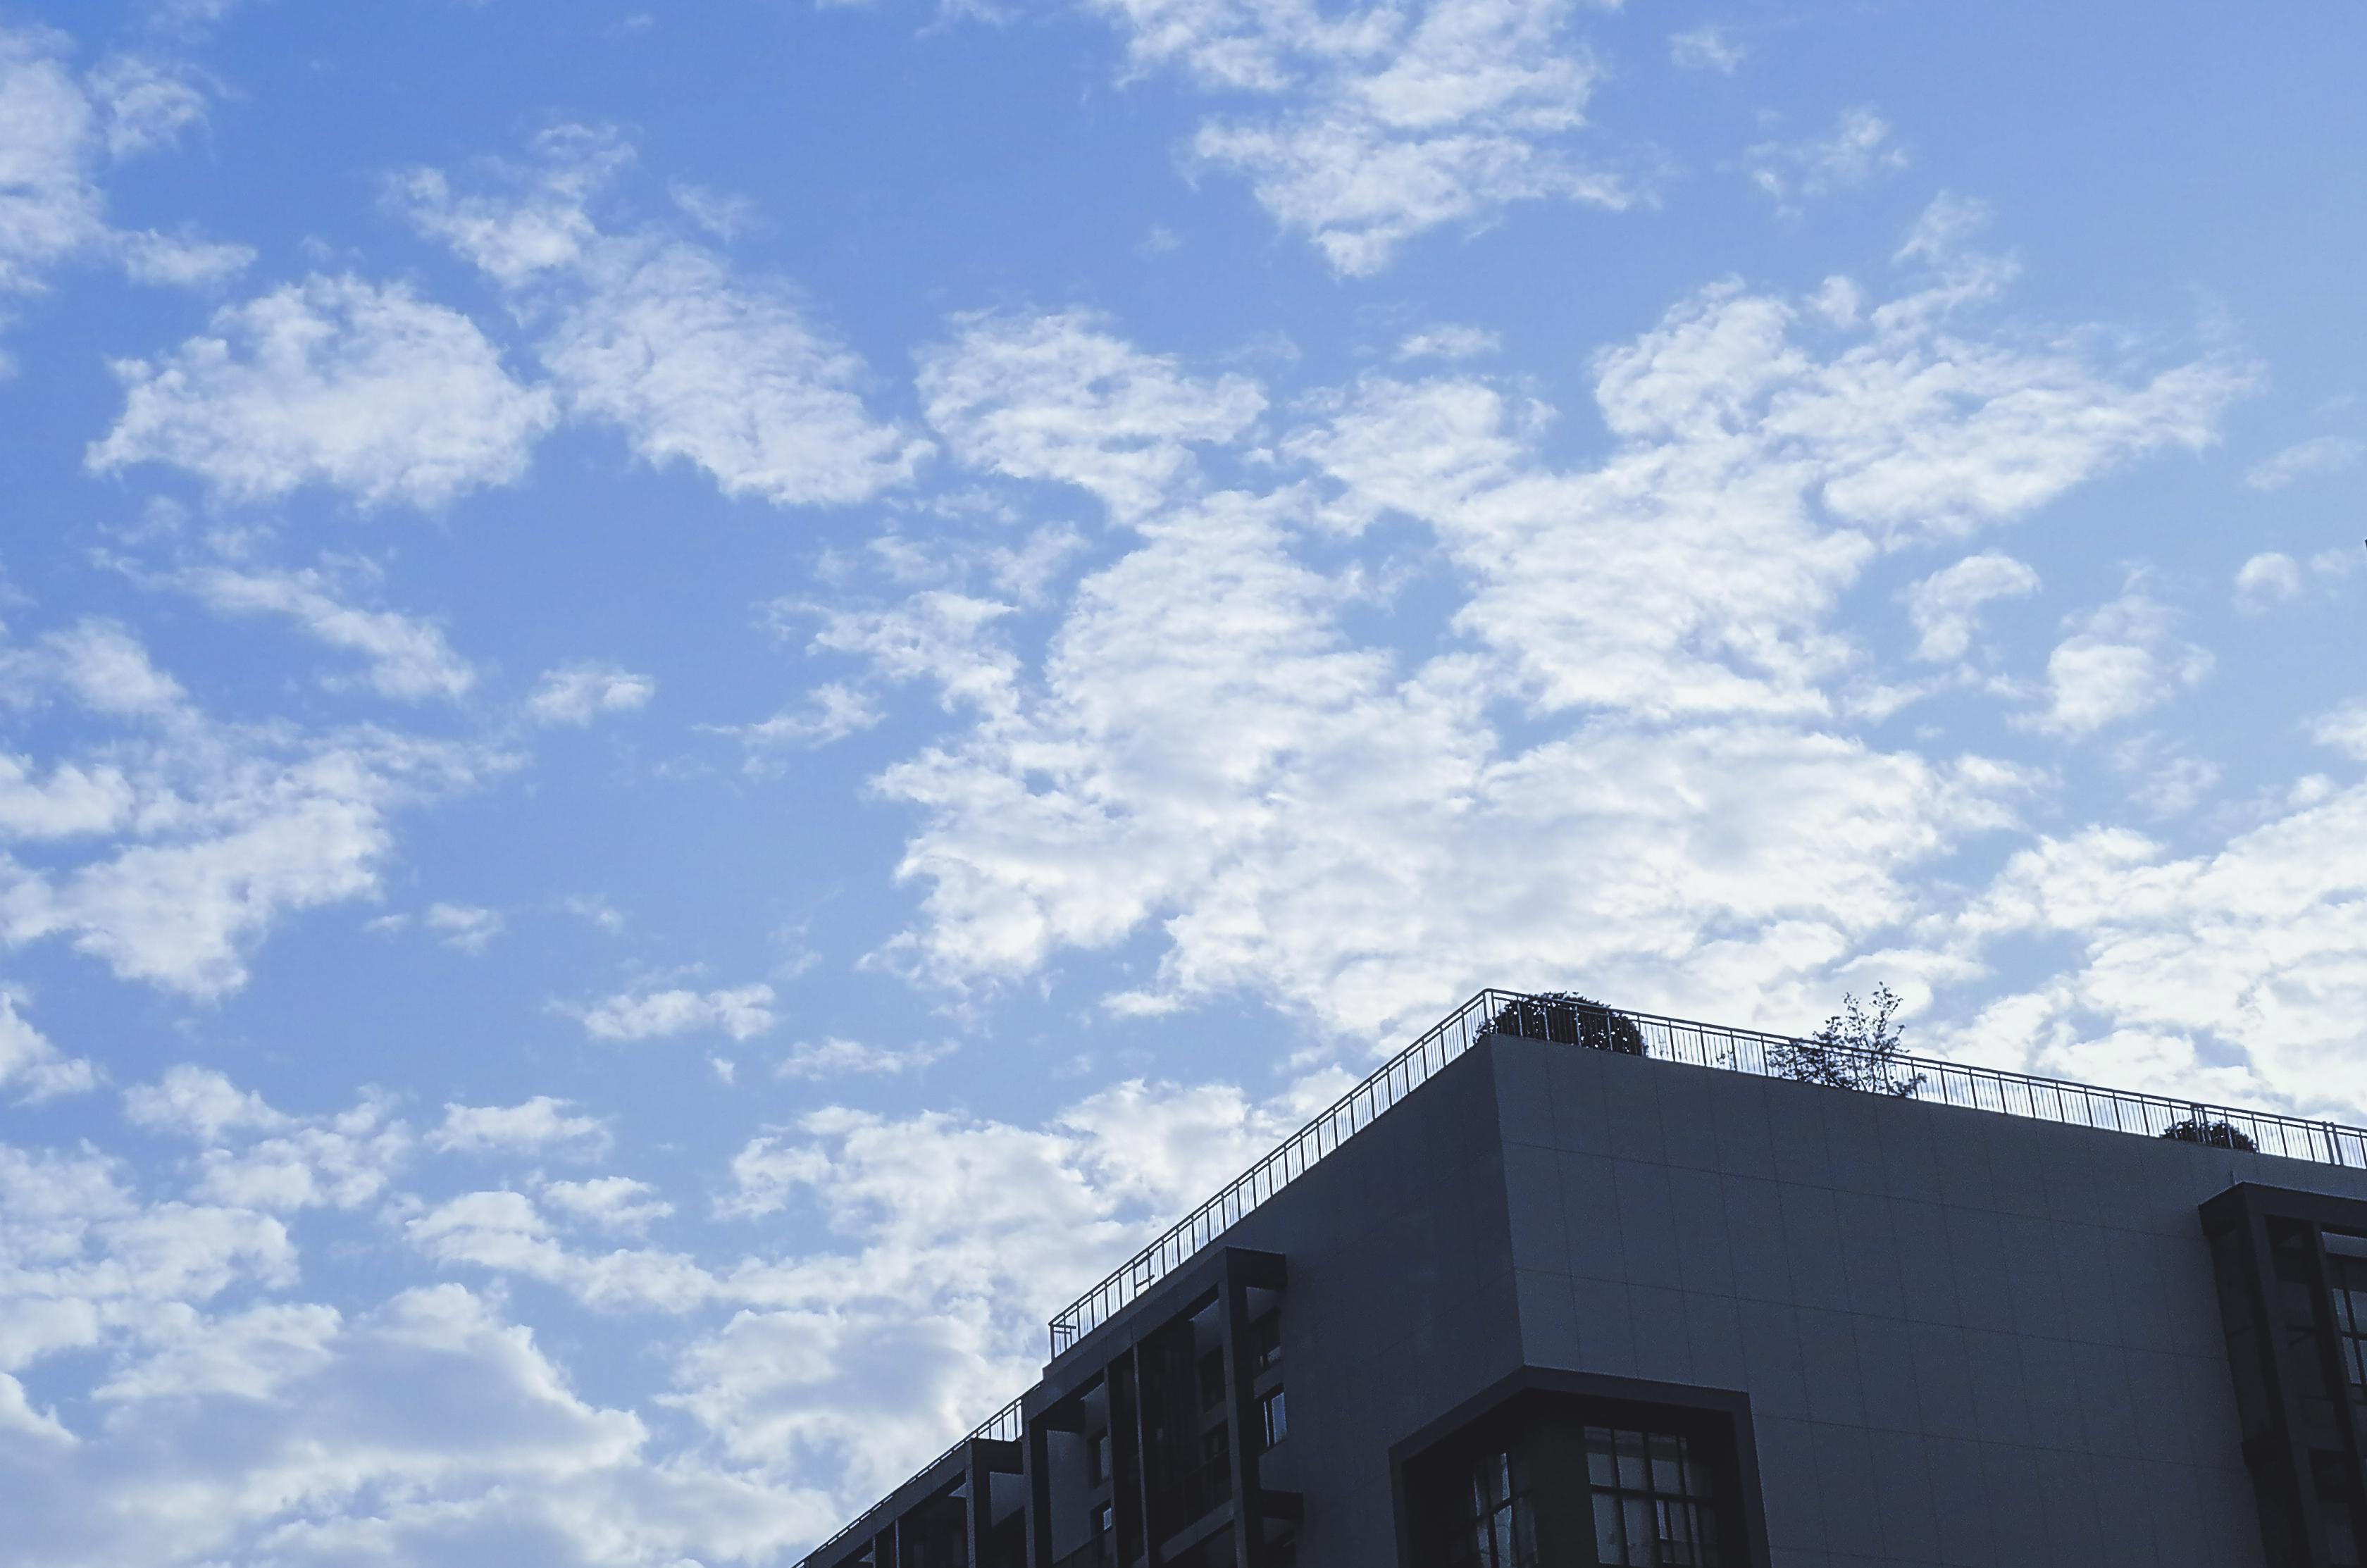 """北京天空出現浪漫天象 淺談追尋""""浪漫""""的天文儀器"""